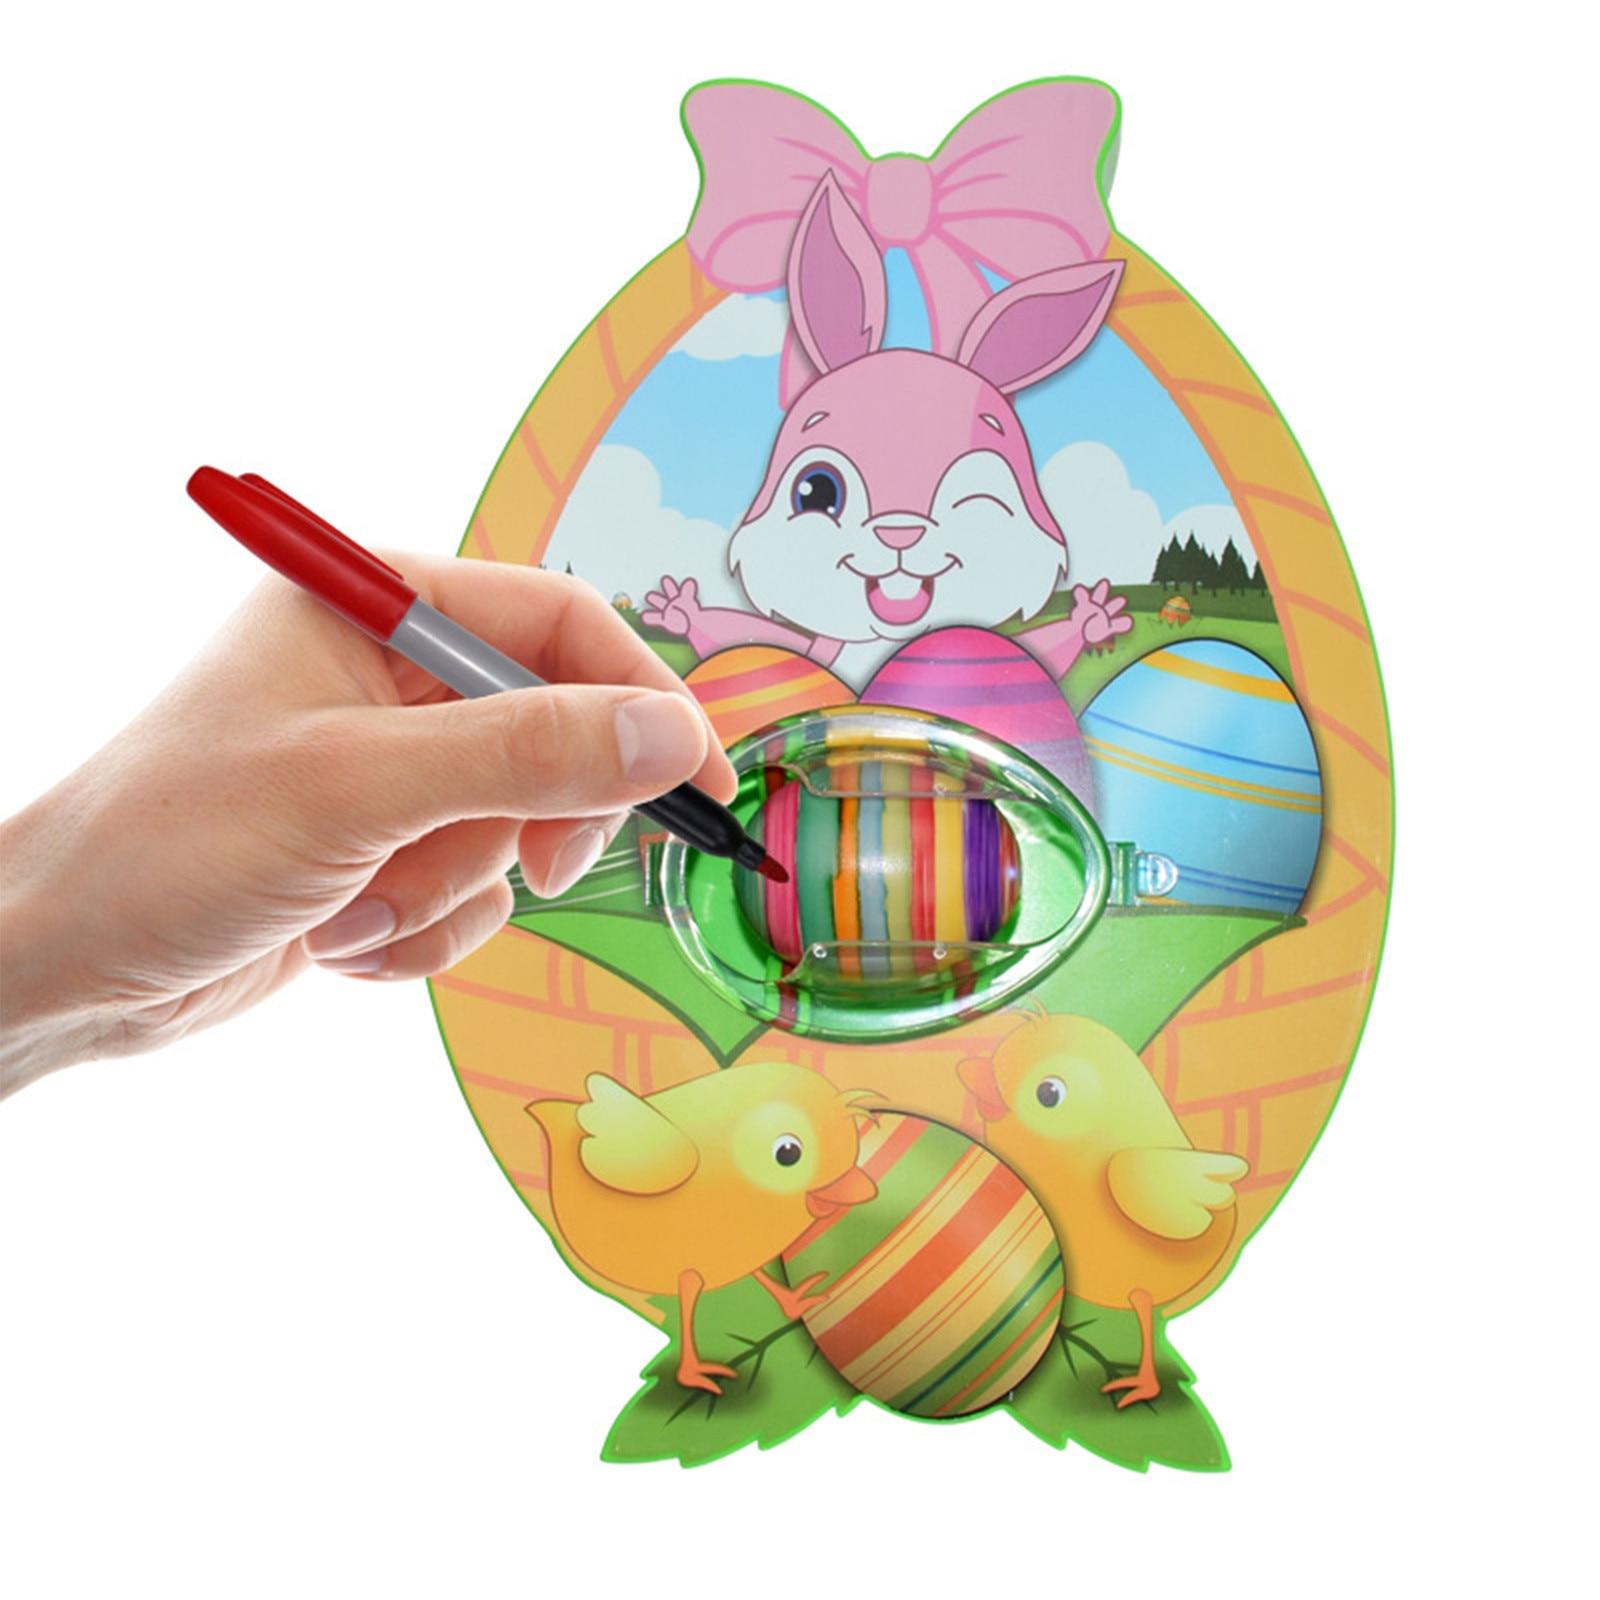 Набор для самостоятельного украшения пасхальных яиц, машинка-Спиннер для яиц с аксессуарами, детская игрушка для игр, идеальный подарок на ...